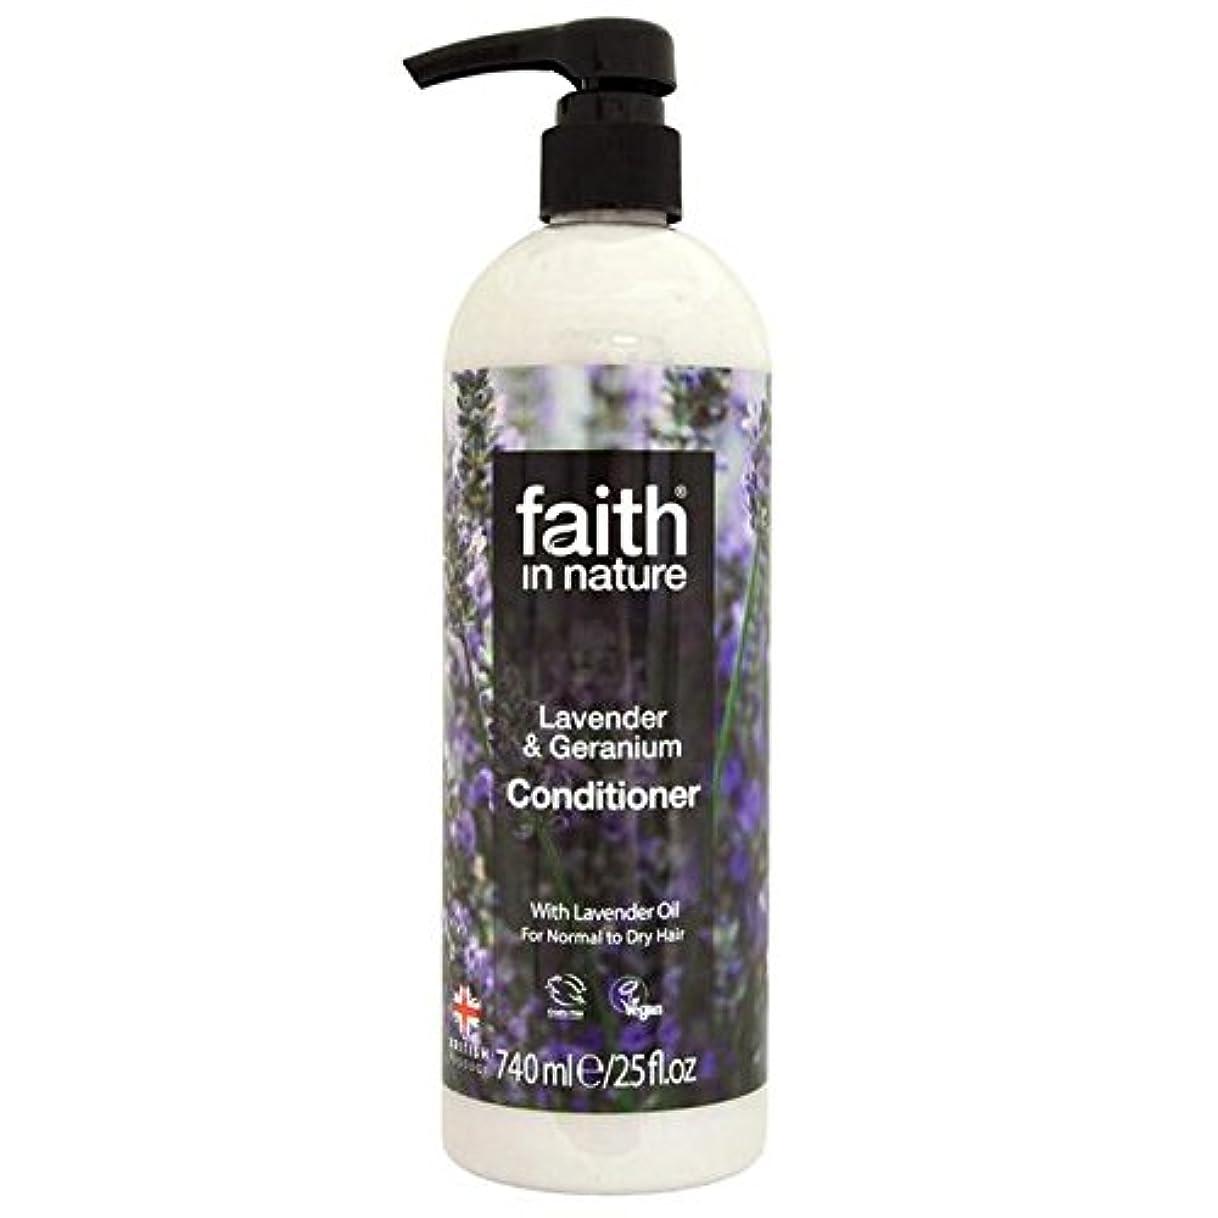 トロピカルファイナンス夏Faith in Nature Lavender & Geranium Conditioner 740ml - (Faith In Nature) 自然ラベンダー&ゼラニウムコンディショナー740ミリリットルの信仰 [並行輸入品]